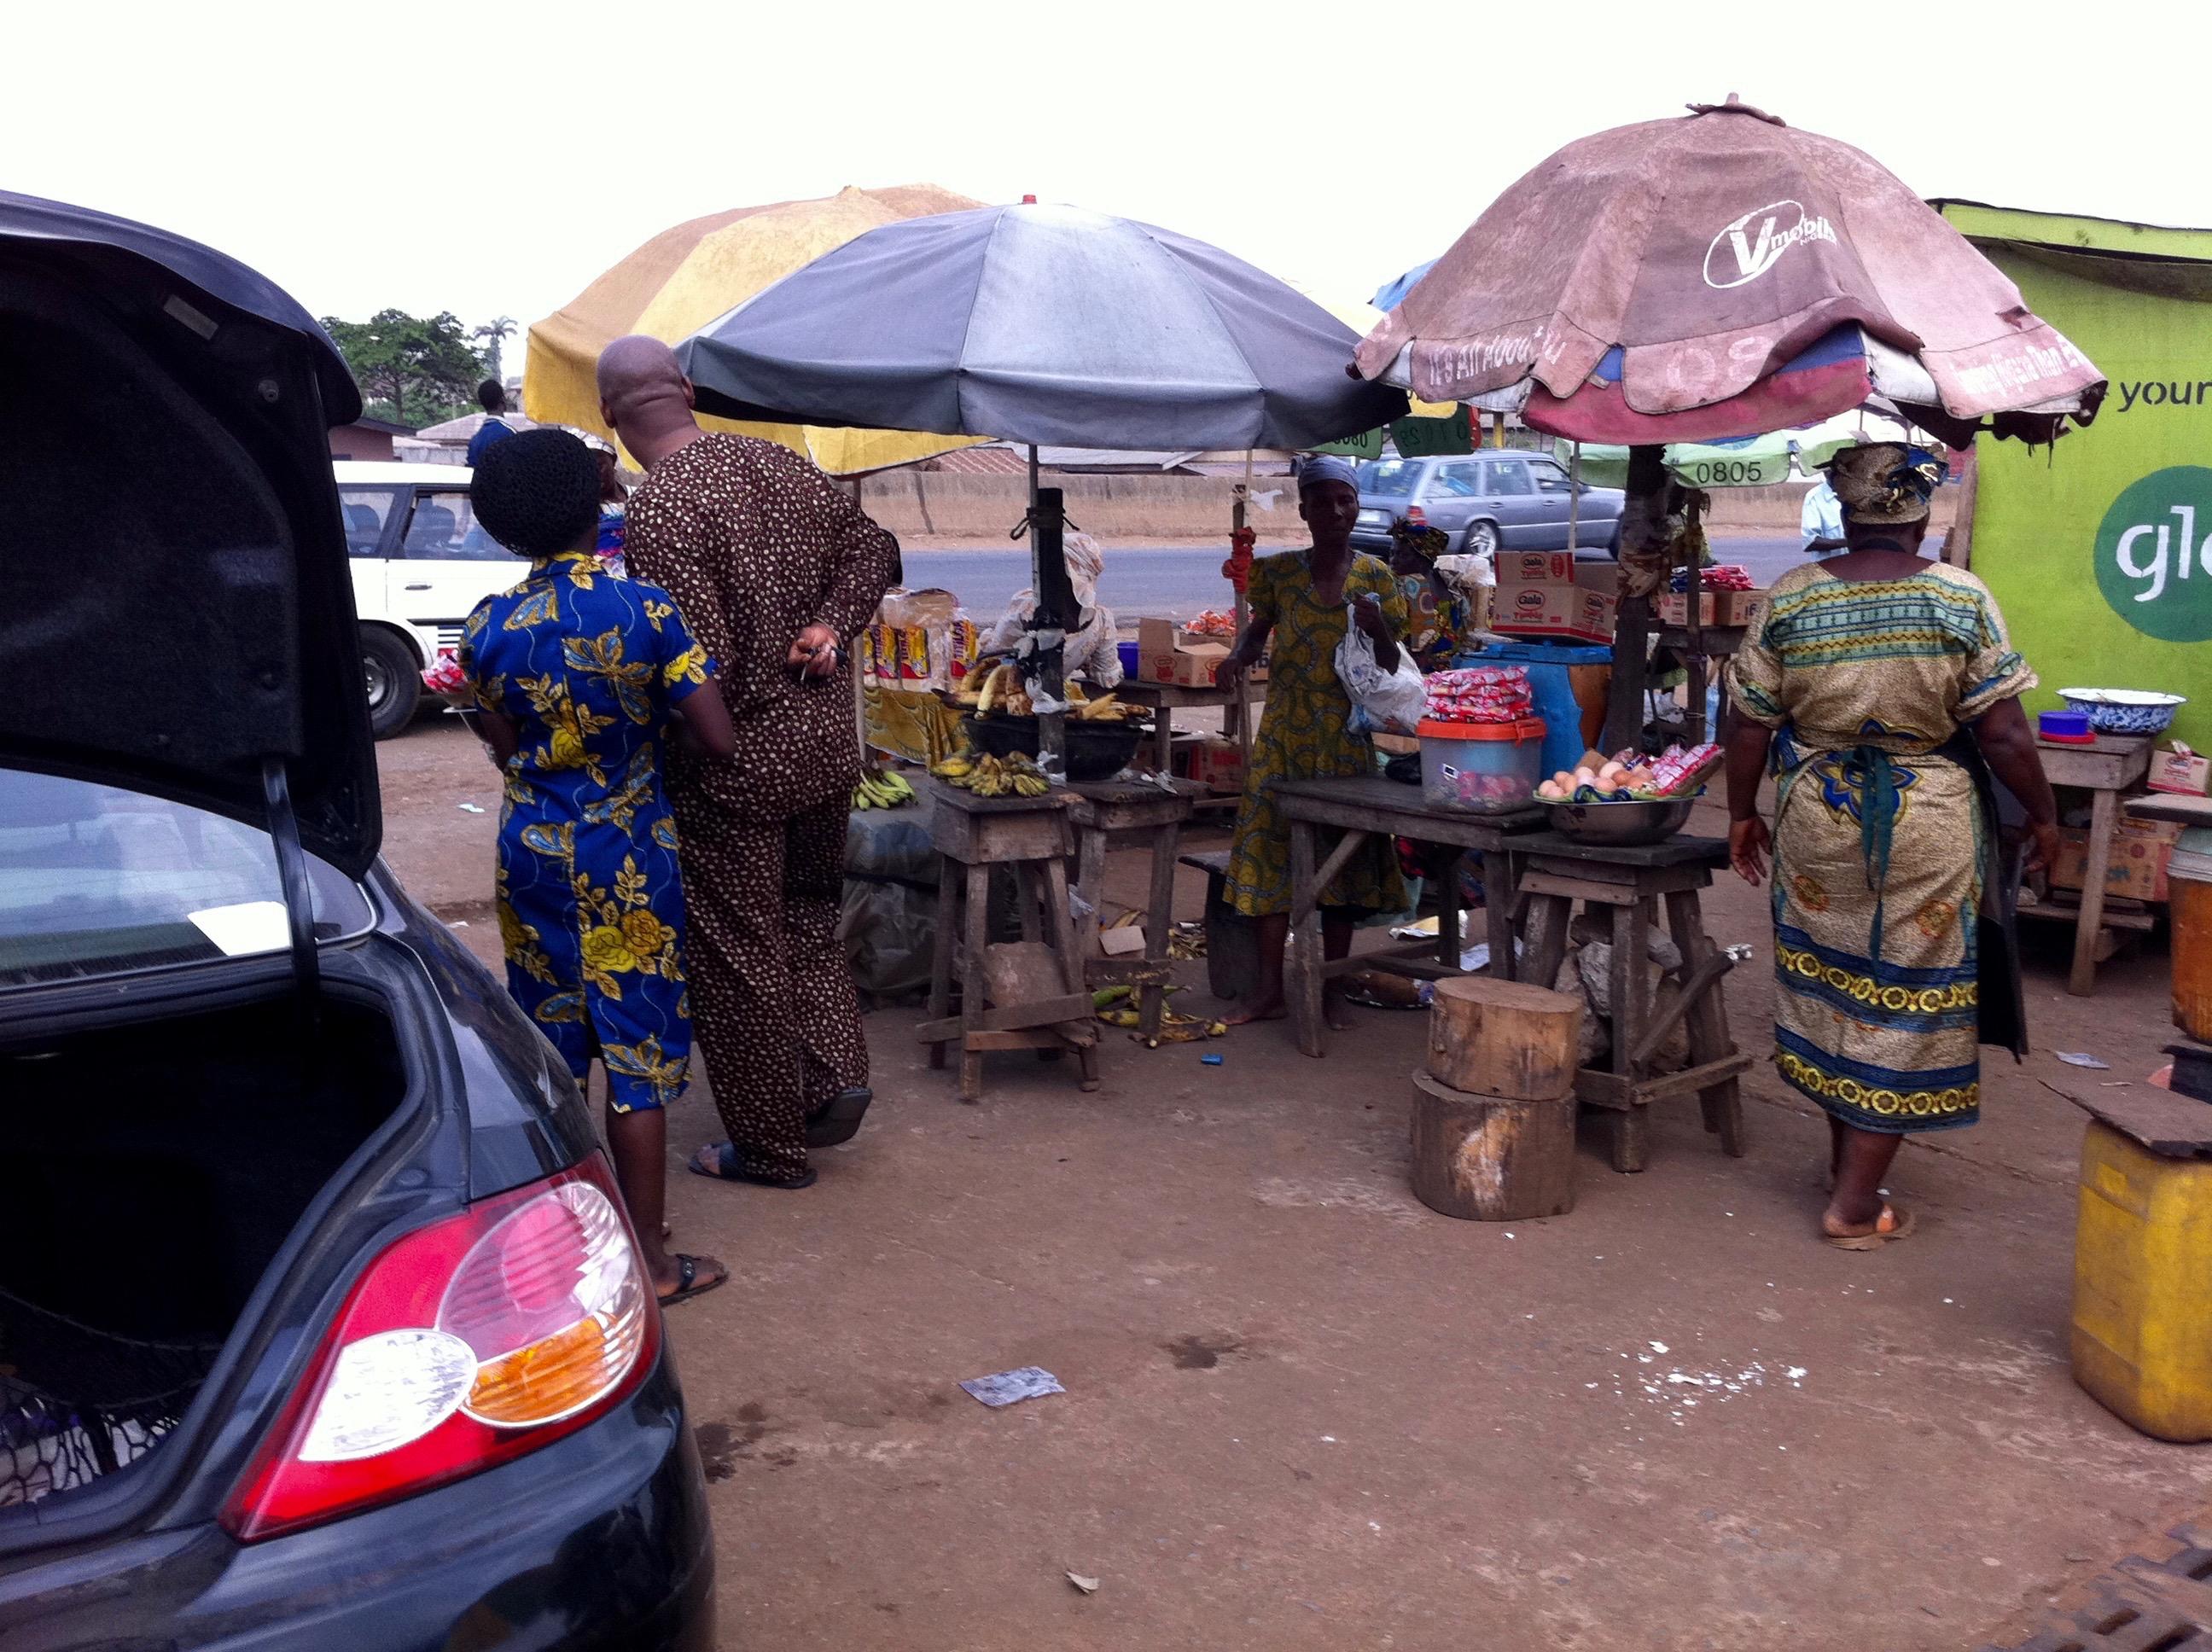 Roadside market in Ijebu Ode, Ogun, Nigeria. #JujuFilms